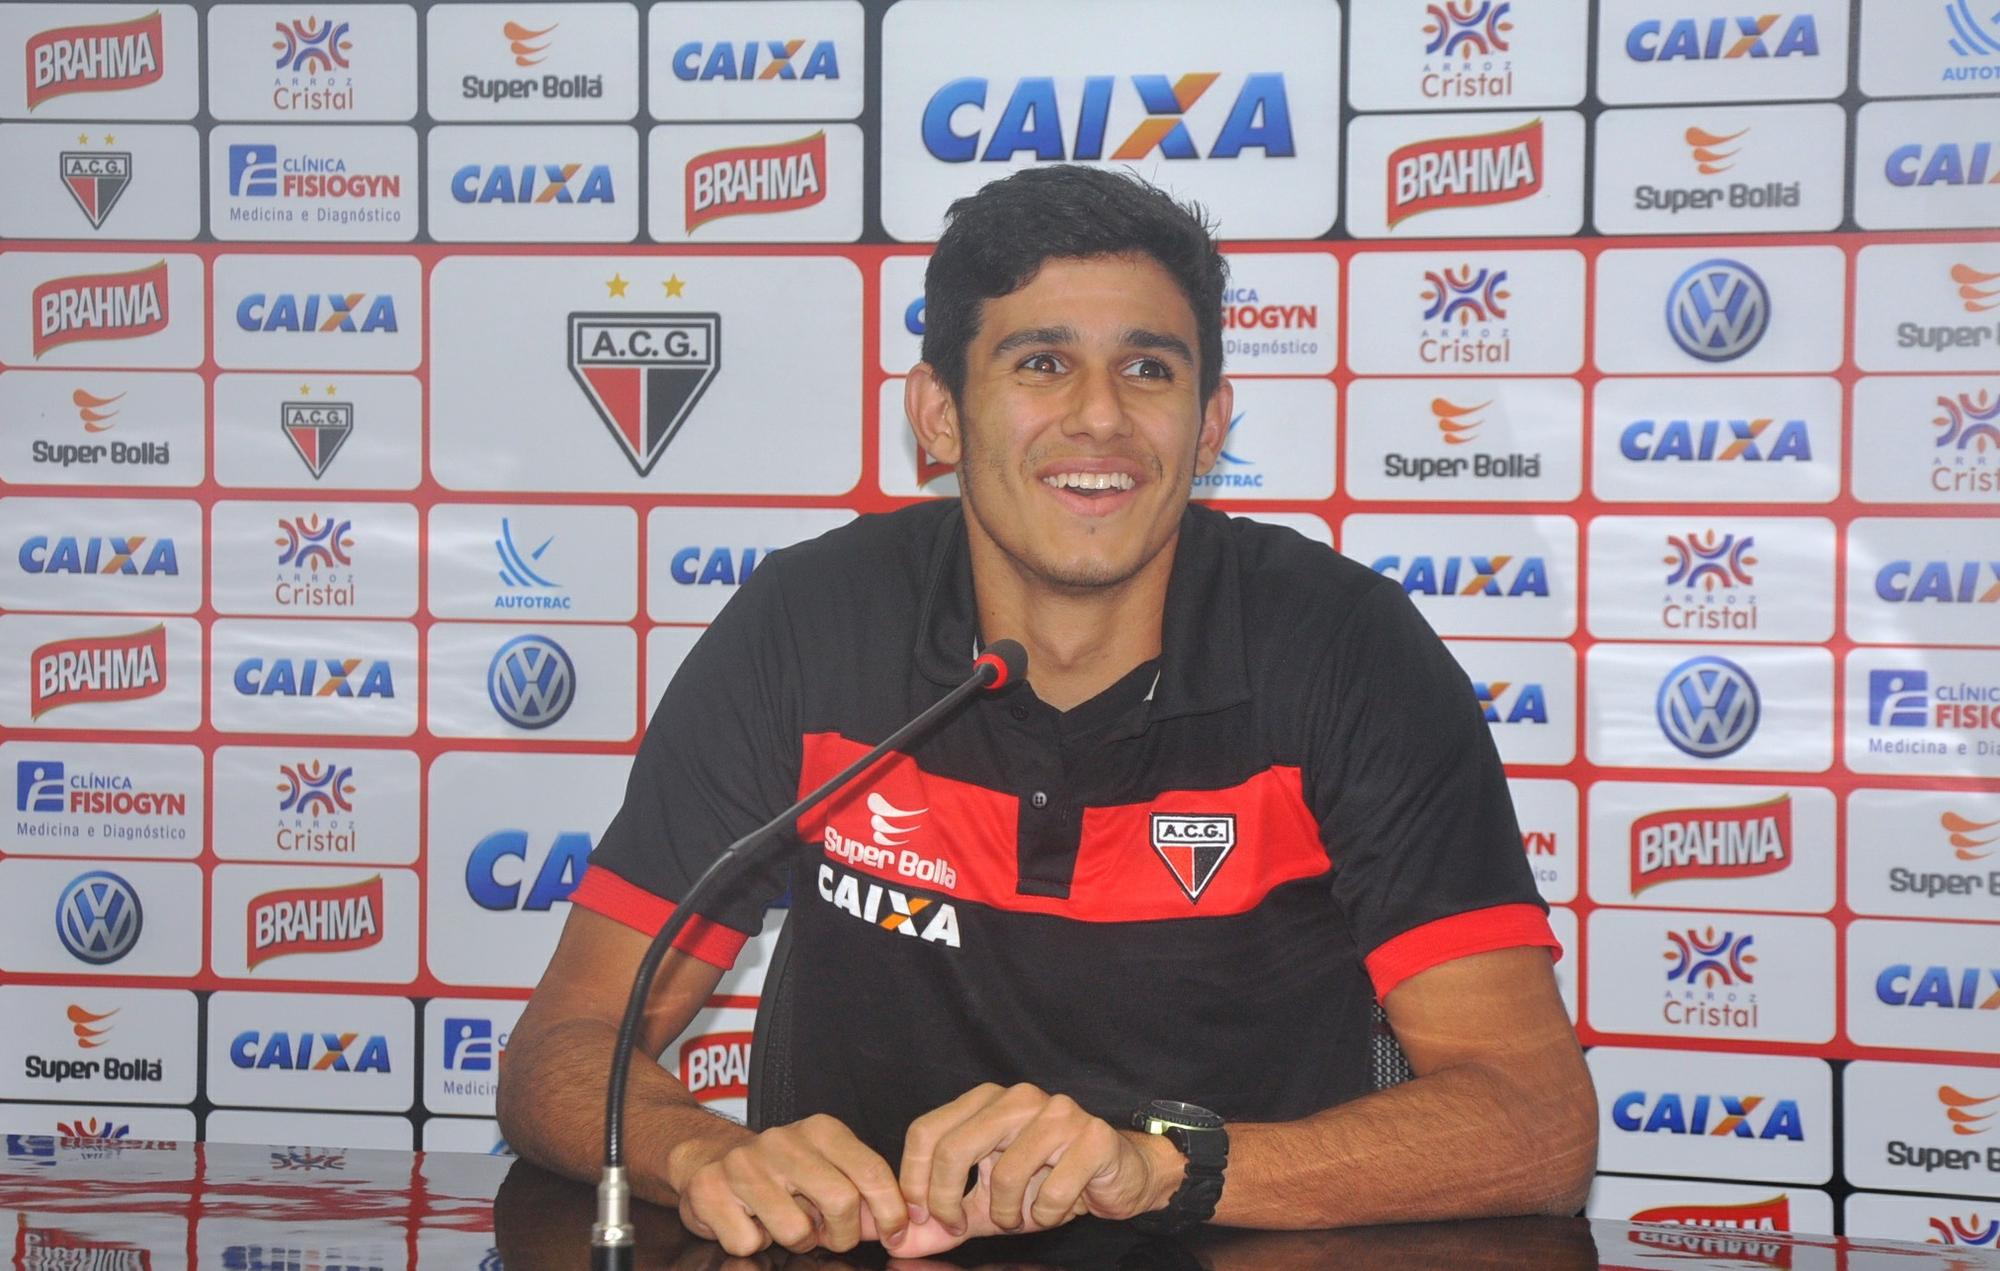 Zagueiro quer superar falta de ritmo e pouca experiência para ... - Globo.com